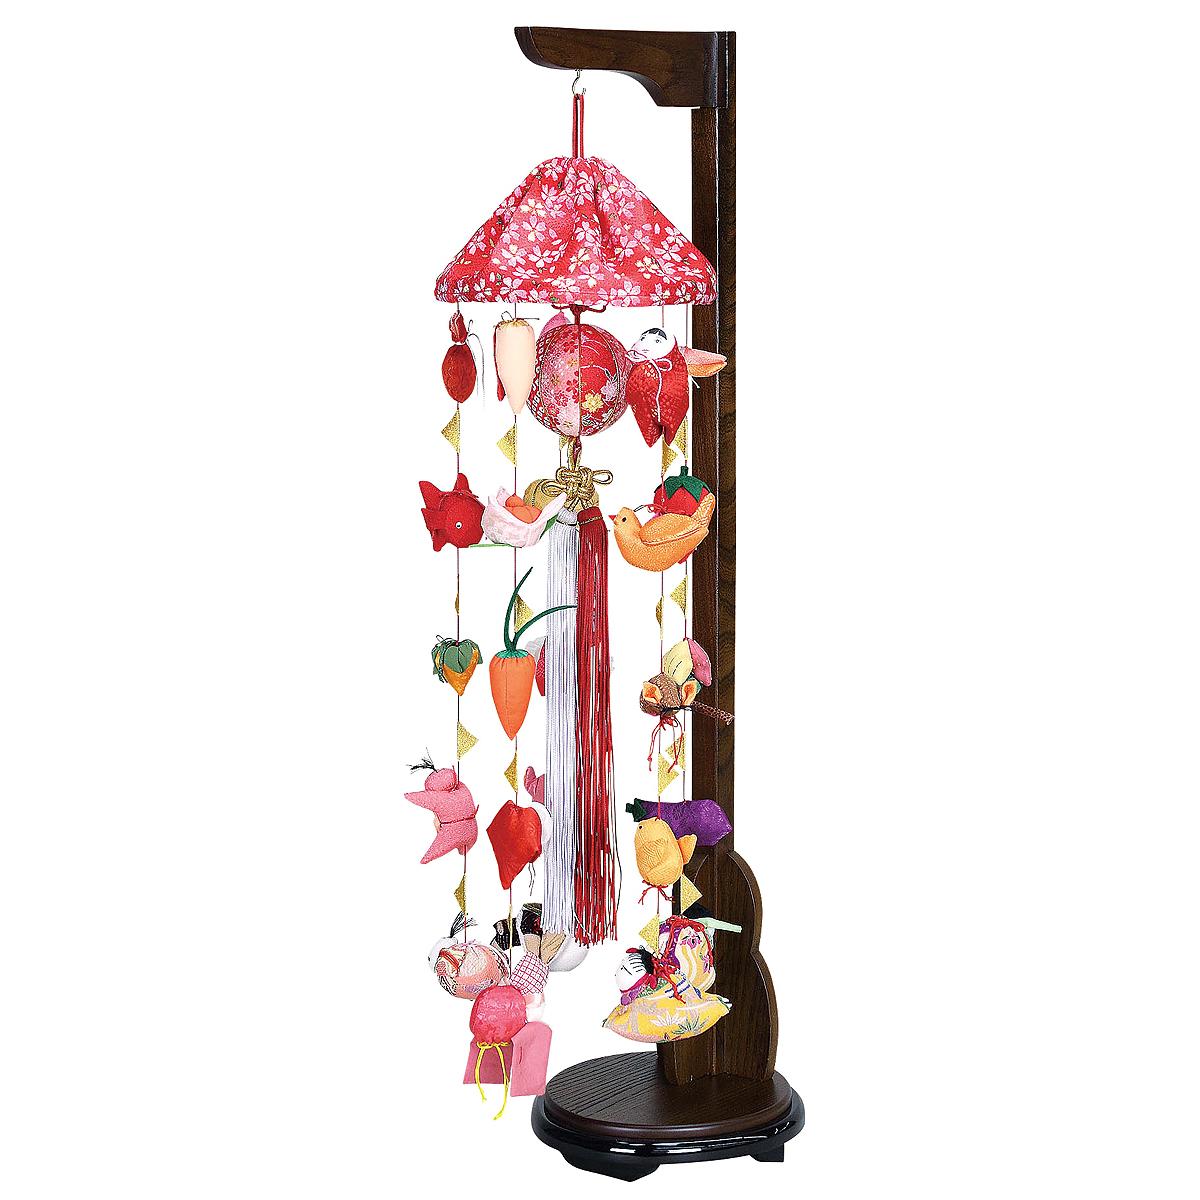 まり飾り 特小 傘付き 吊り台付き TRS-F-4D62-AA-521送料無料 ※北海道 沖縄は除く つるし雛 吊るし飾り で 桃の節句 雛祭り ひな祭り 雛人形 のお祝いに